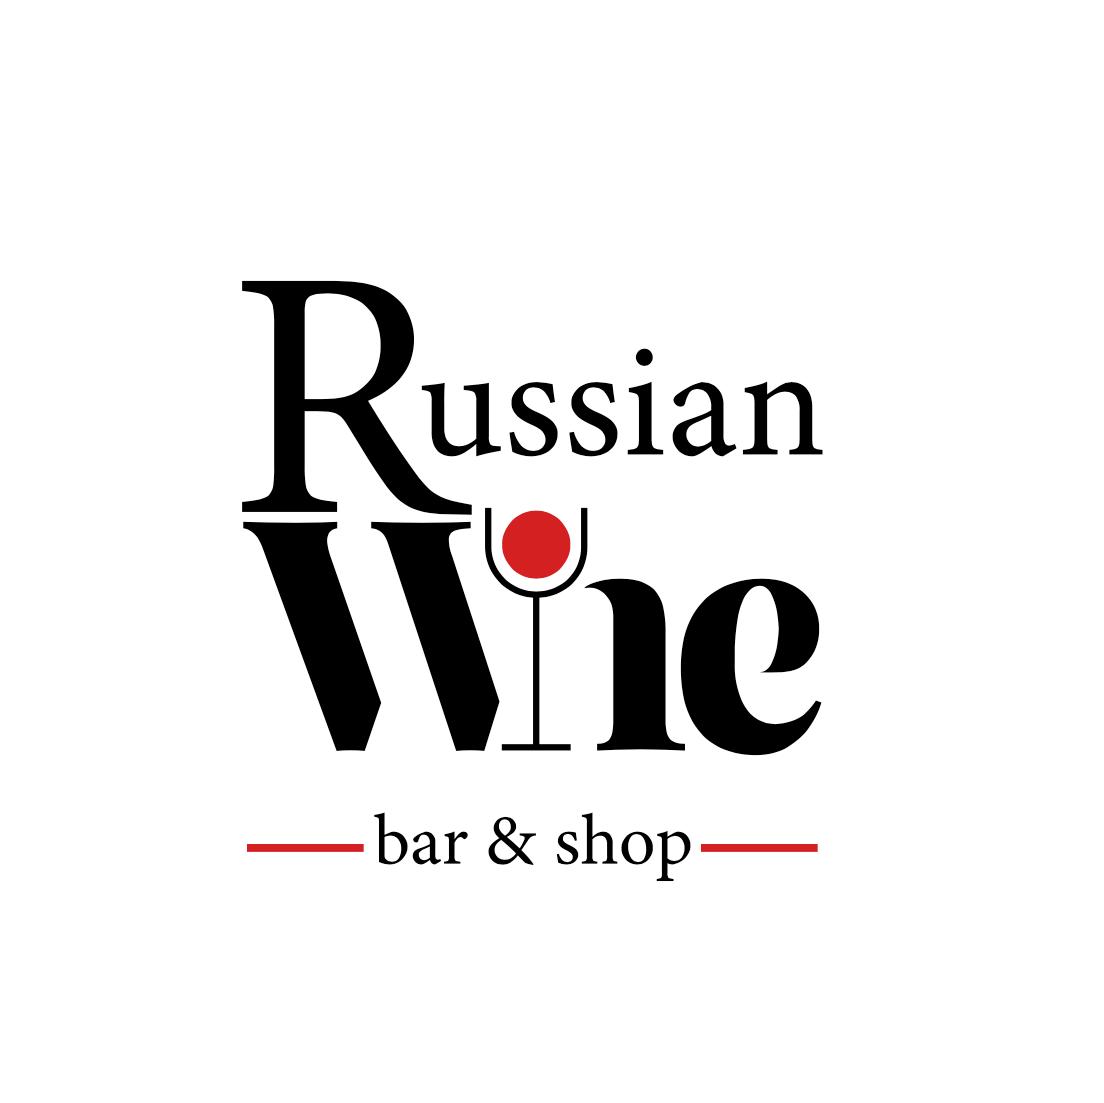 Russian Wine Bar & Shop